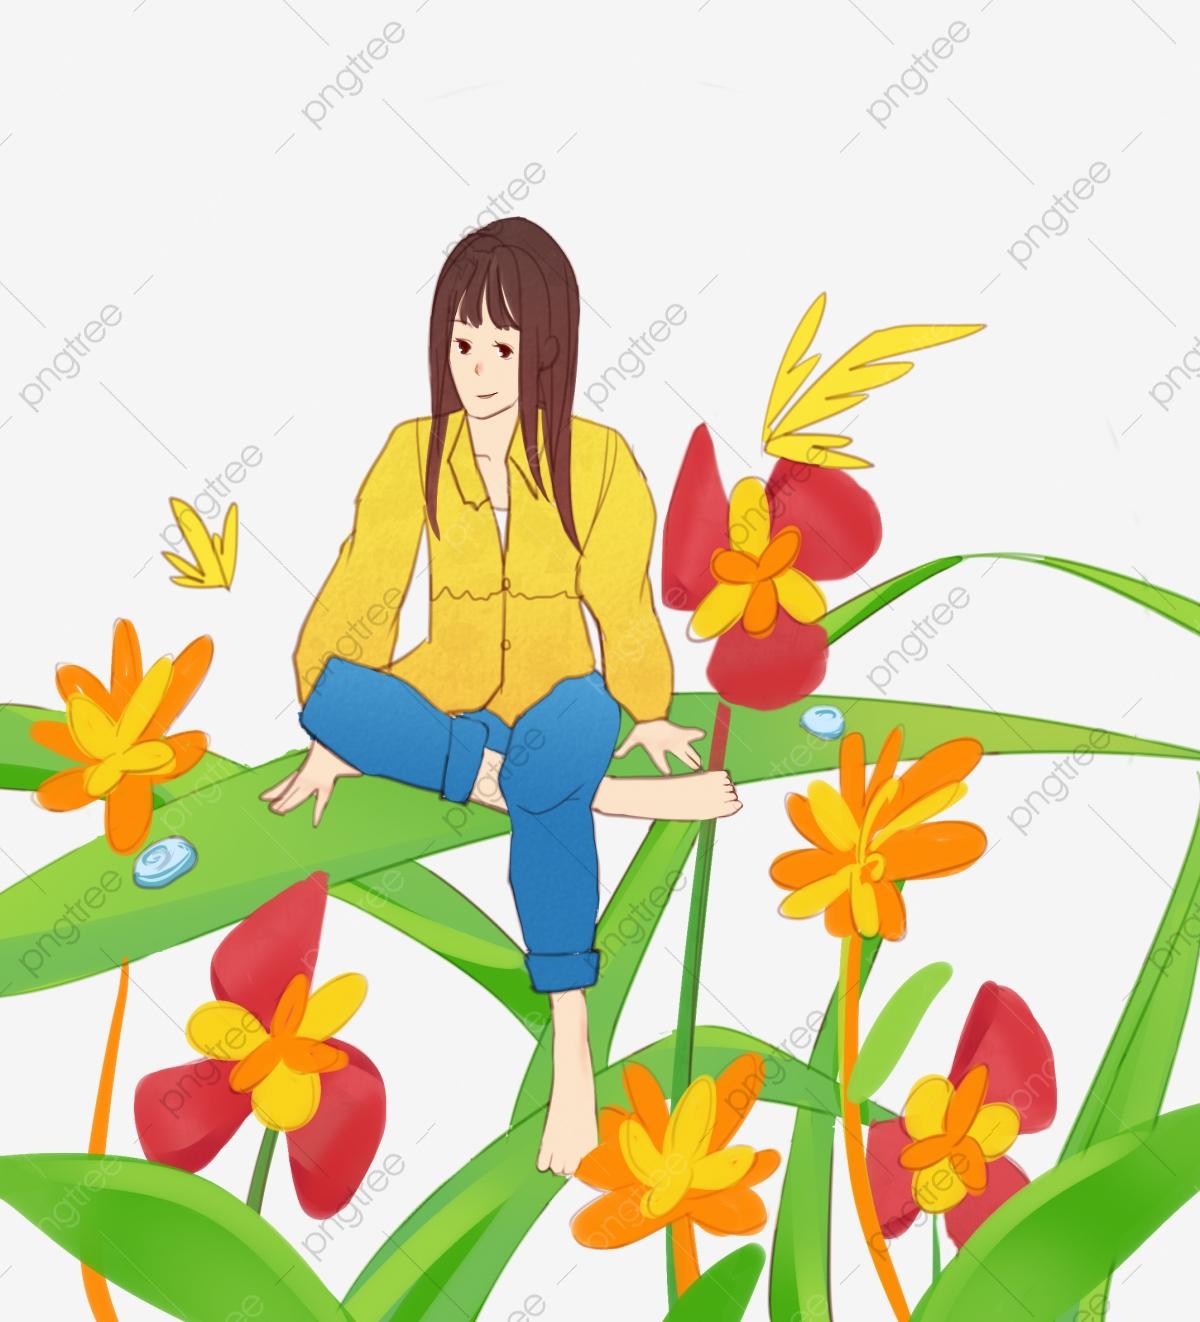 Fleurs Jaunes Illustration De Dessin Animé Paysage De à Dessin Printemps Paysage